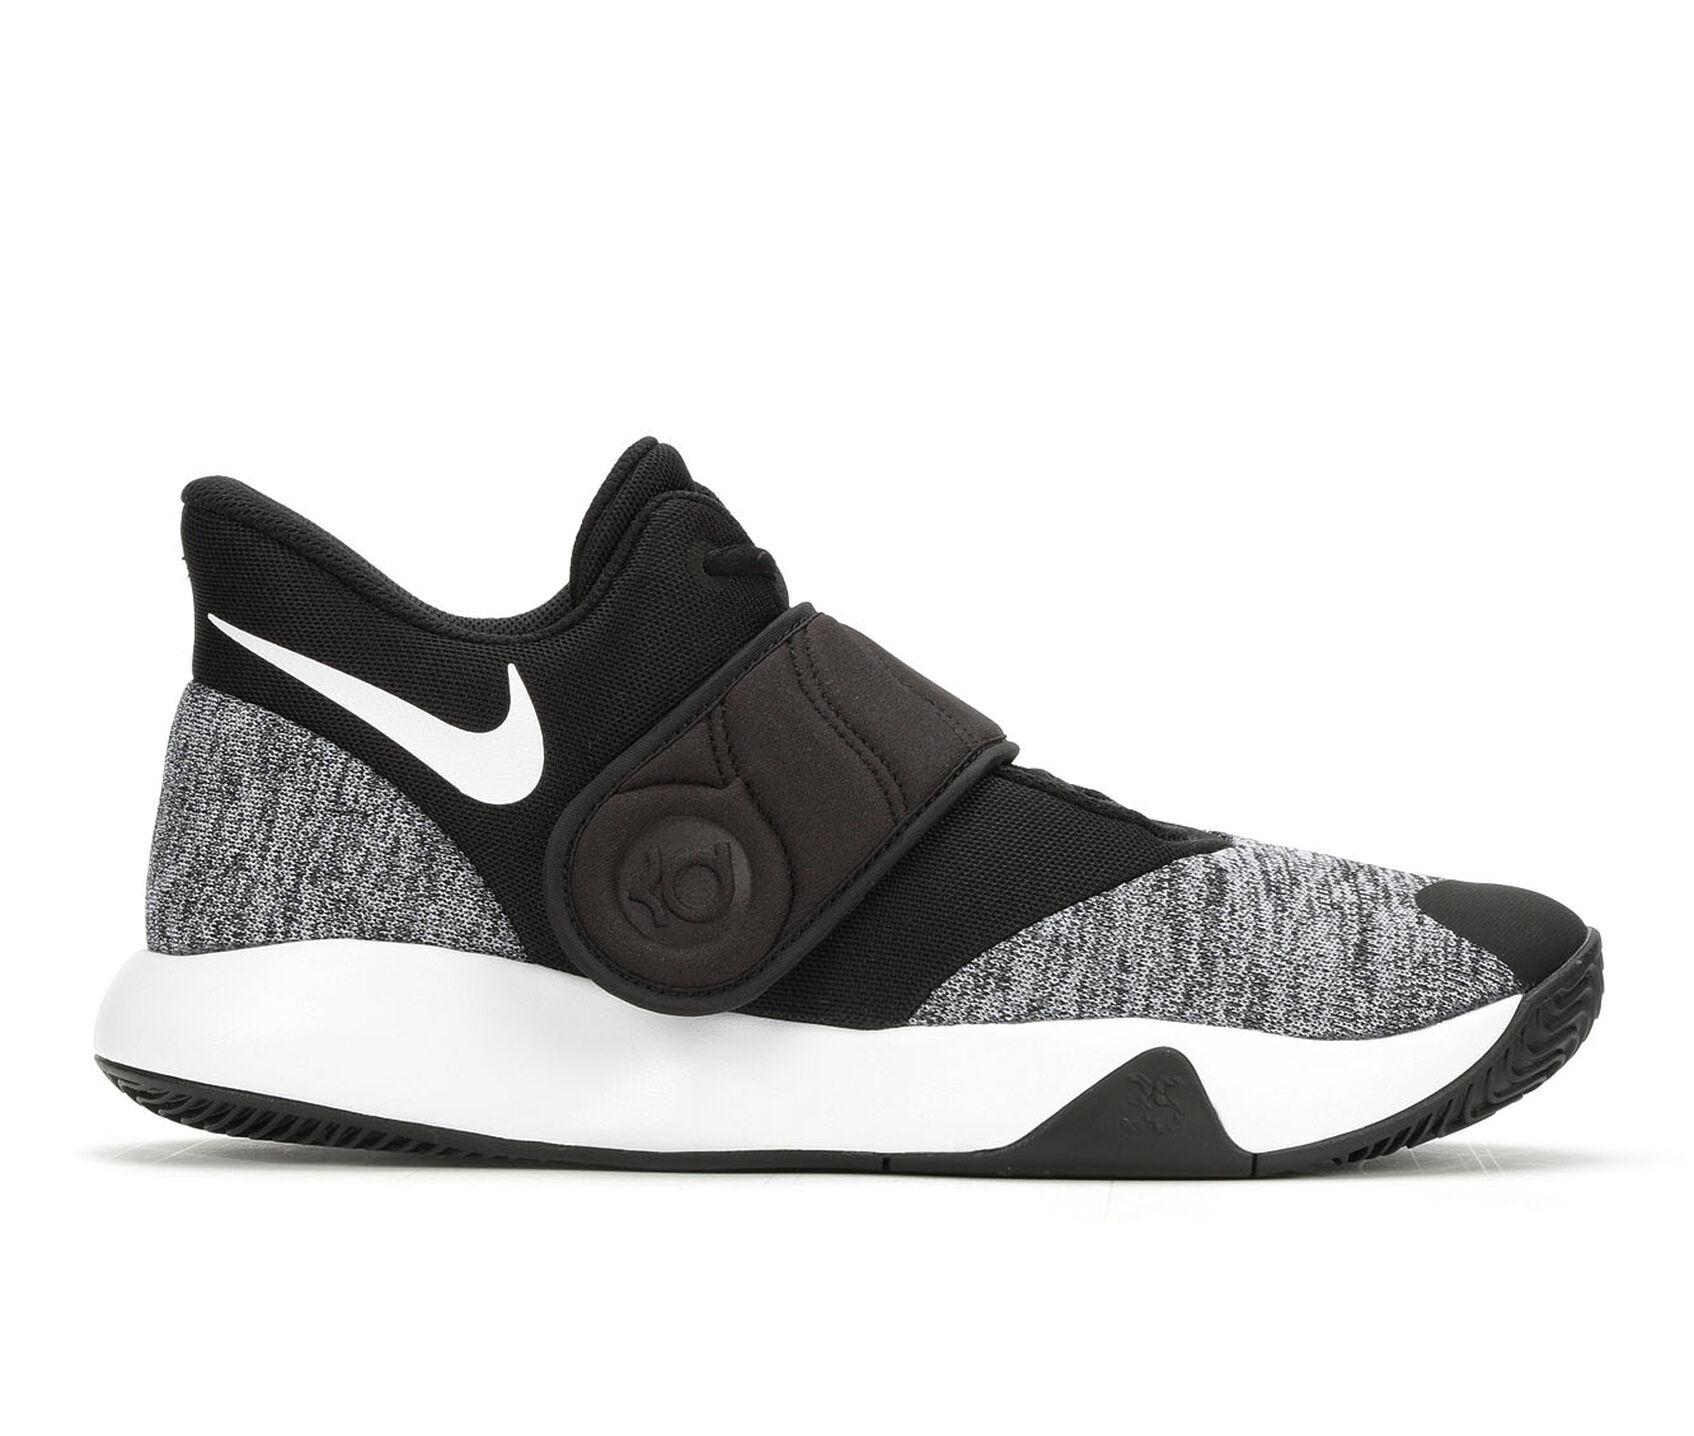 062cd5fdf723 ... KD Trey 5 VI High Top Basketball Shoes. Previous